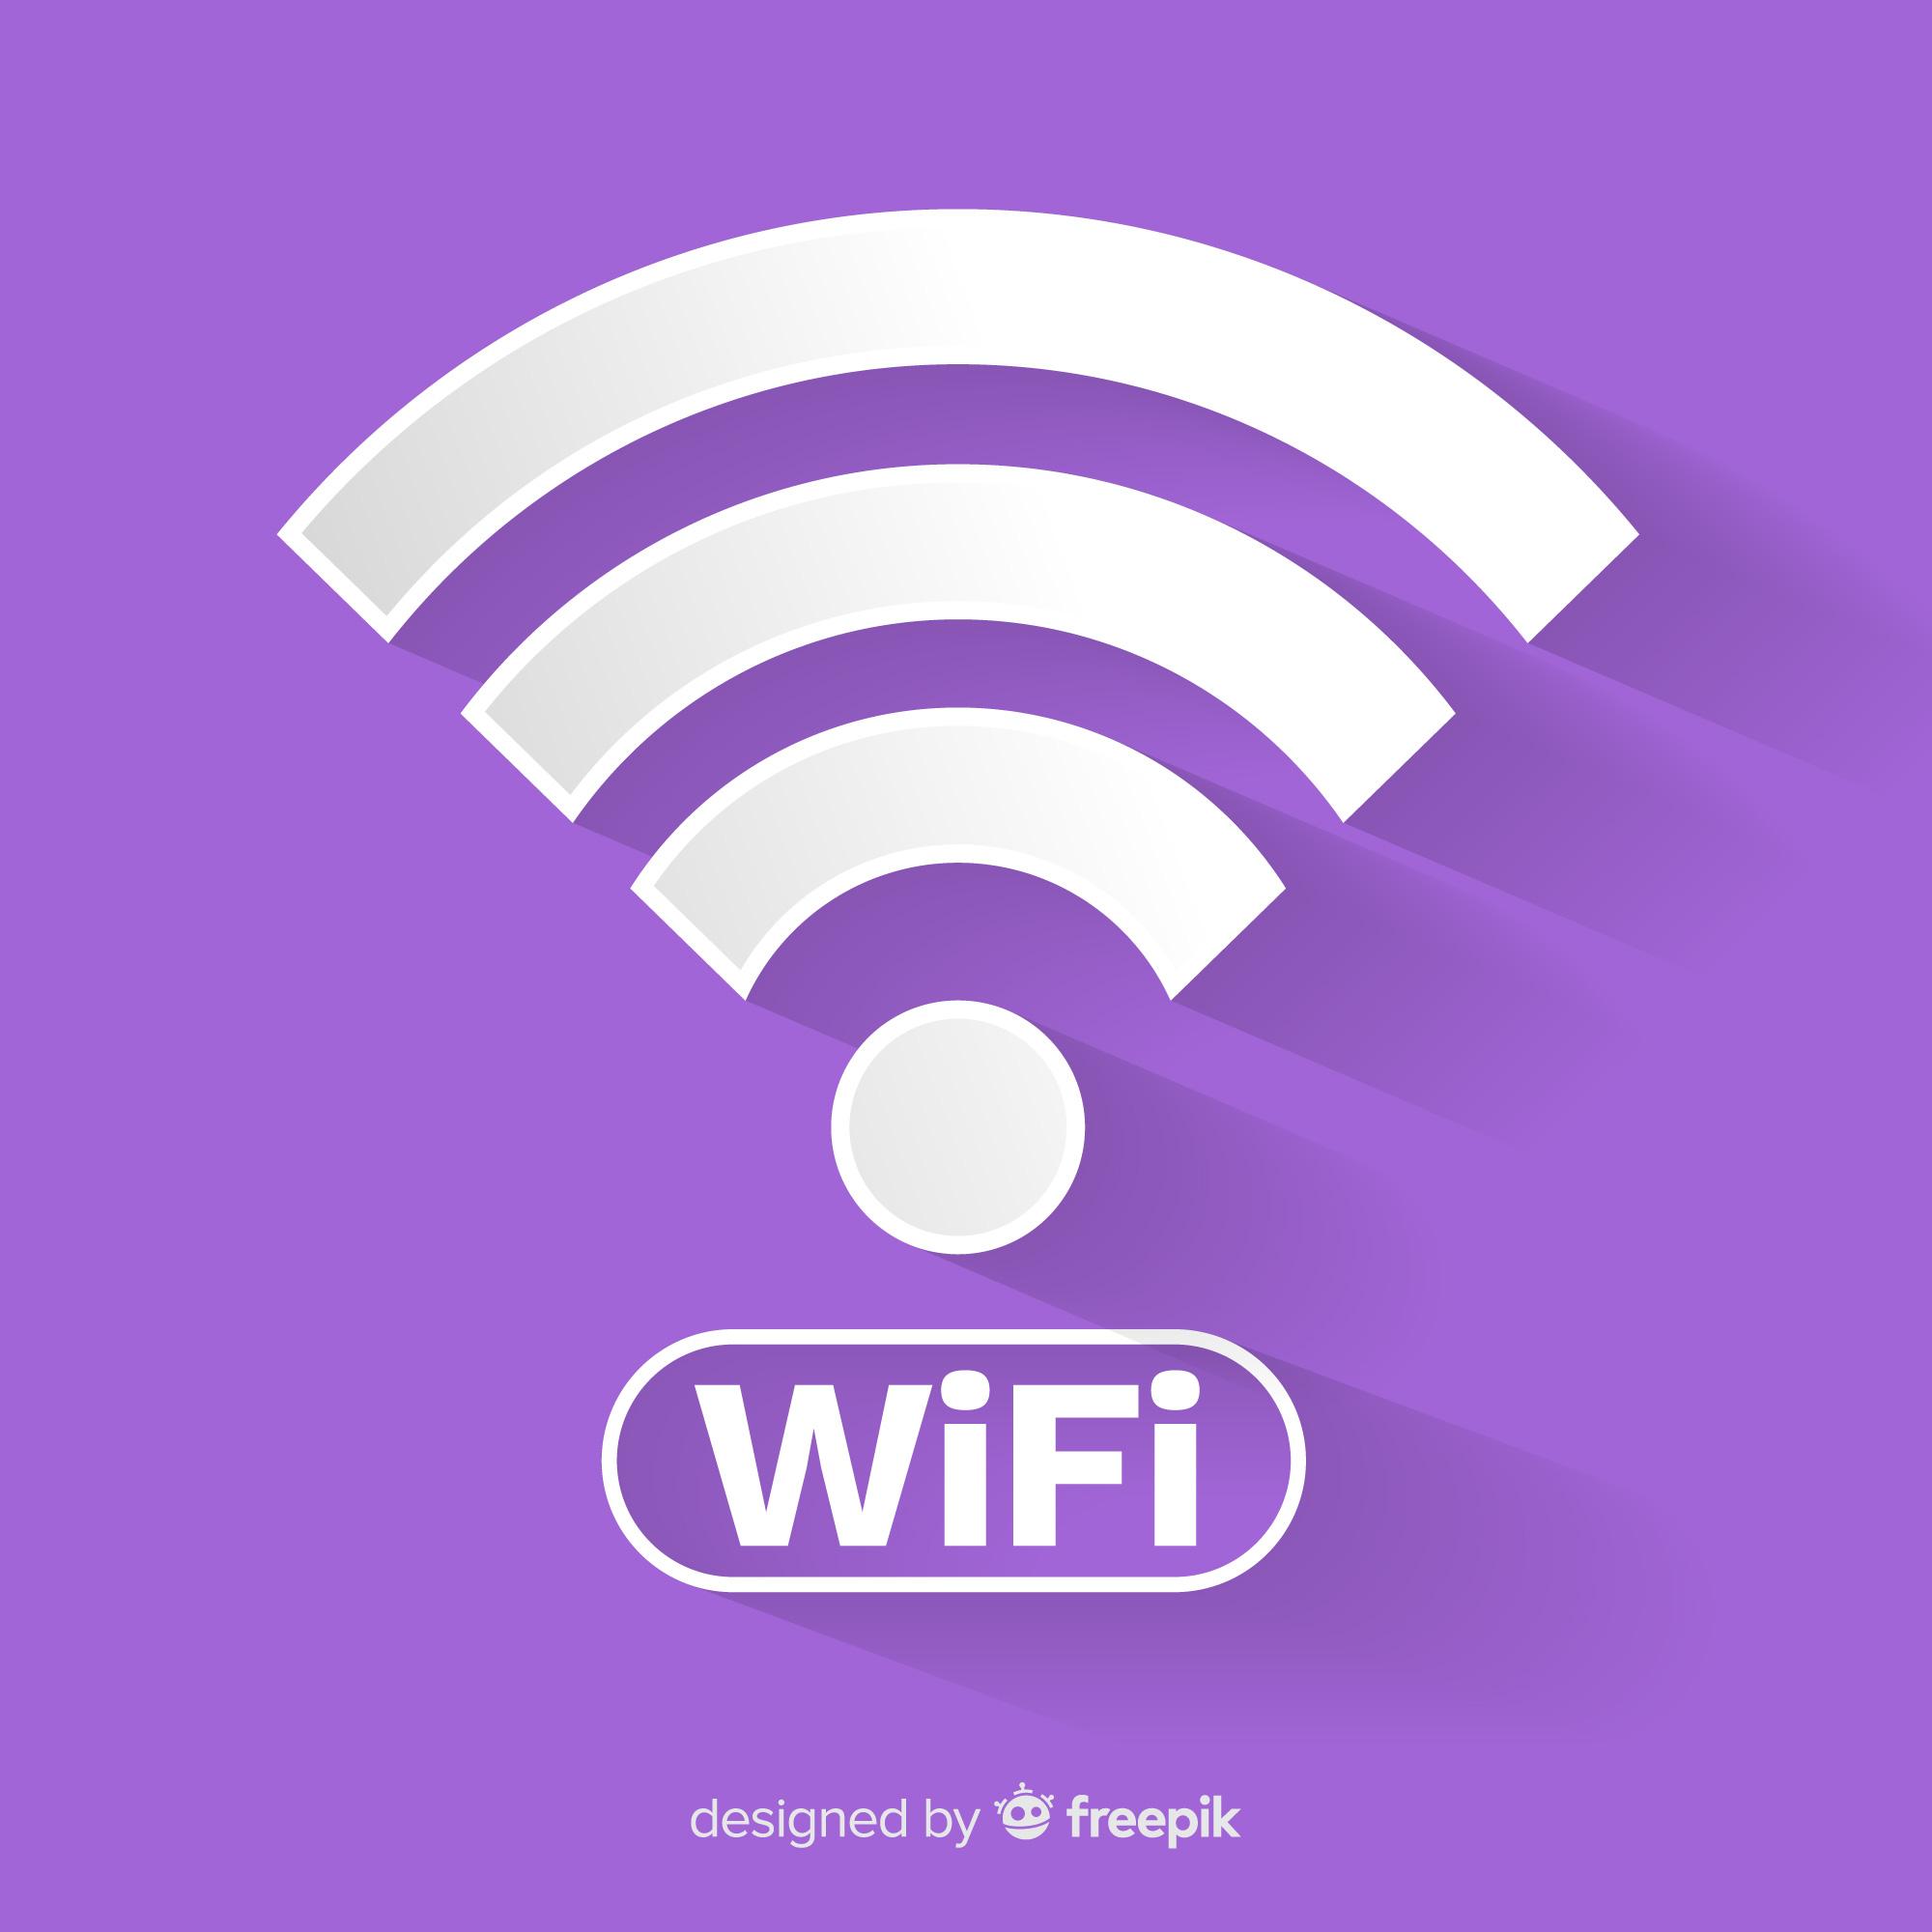 wifi anlamı nedir ?